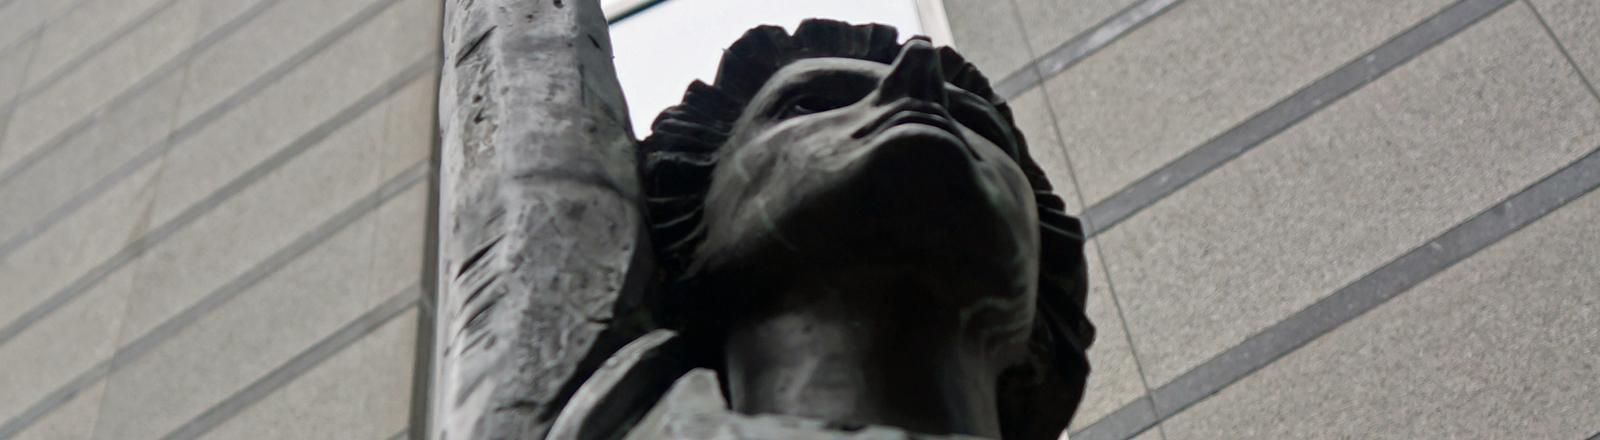 """Statue """"Europa"""" der belgischen Künstlerin May Claerhout vor dem Europäischen Parlament in Brüssel"""